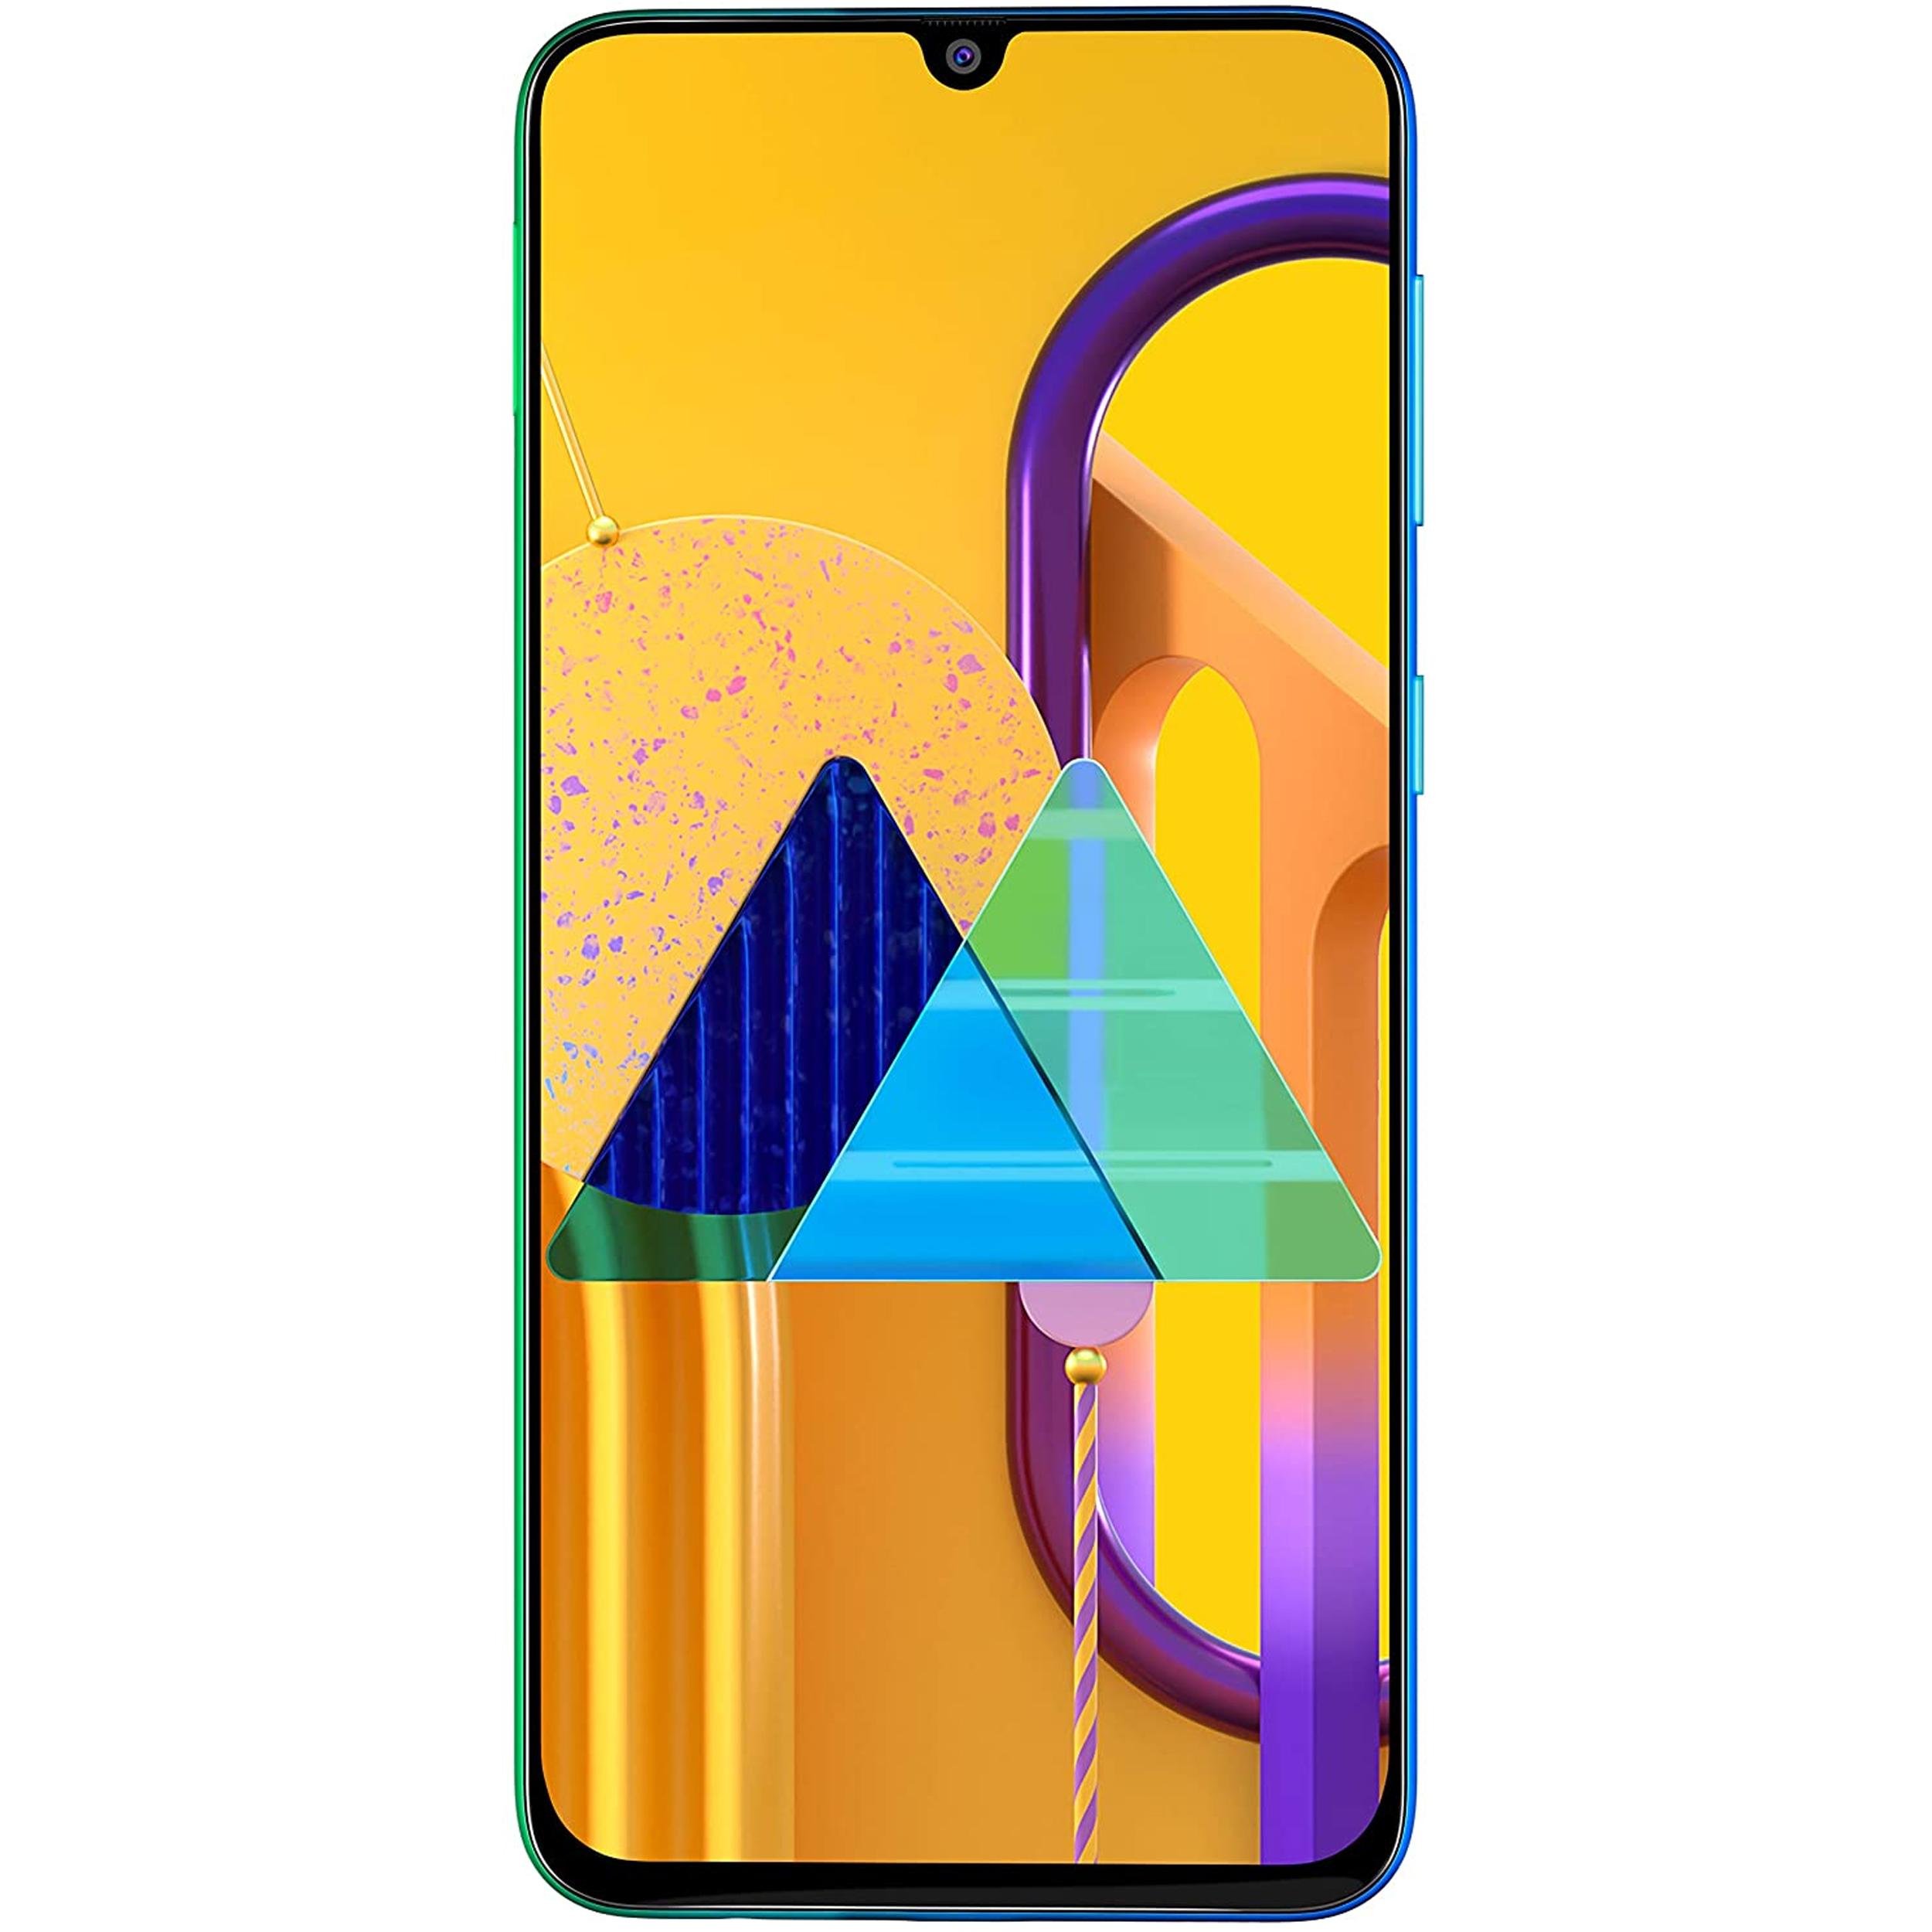 گوشی موبایل سامسونگ مدل Galaxy M30s SM-M307FN/DS دو سیم کارت ظرفیت ۶۴ گیگابایت